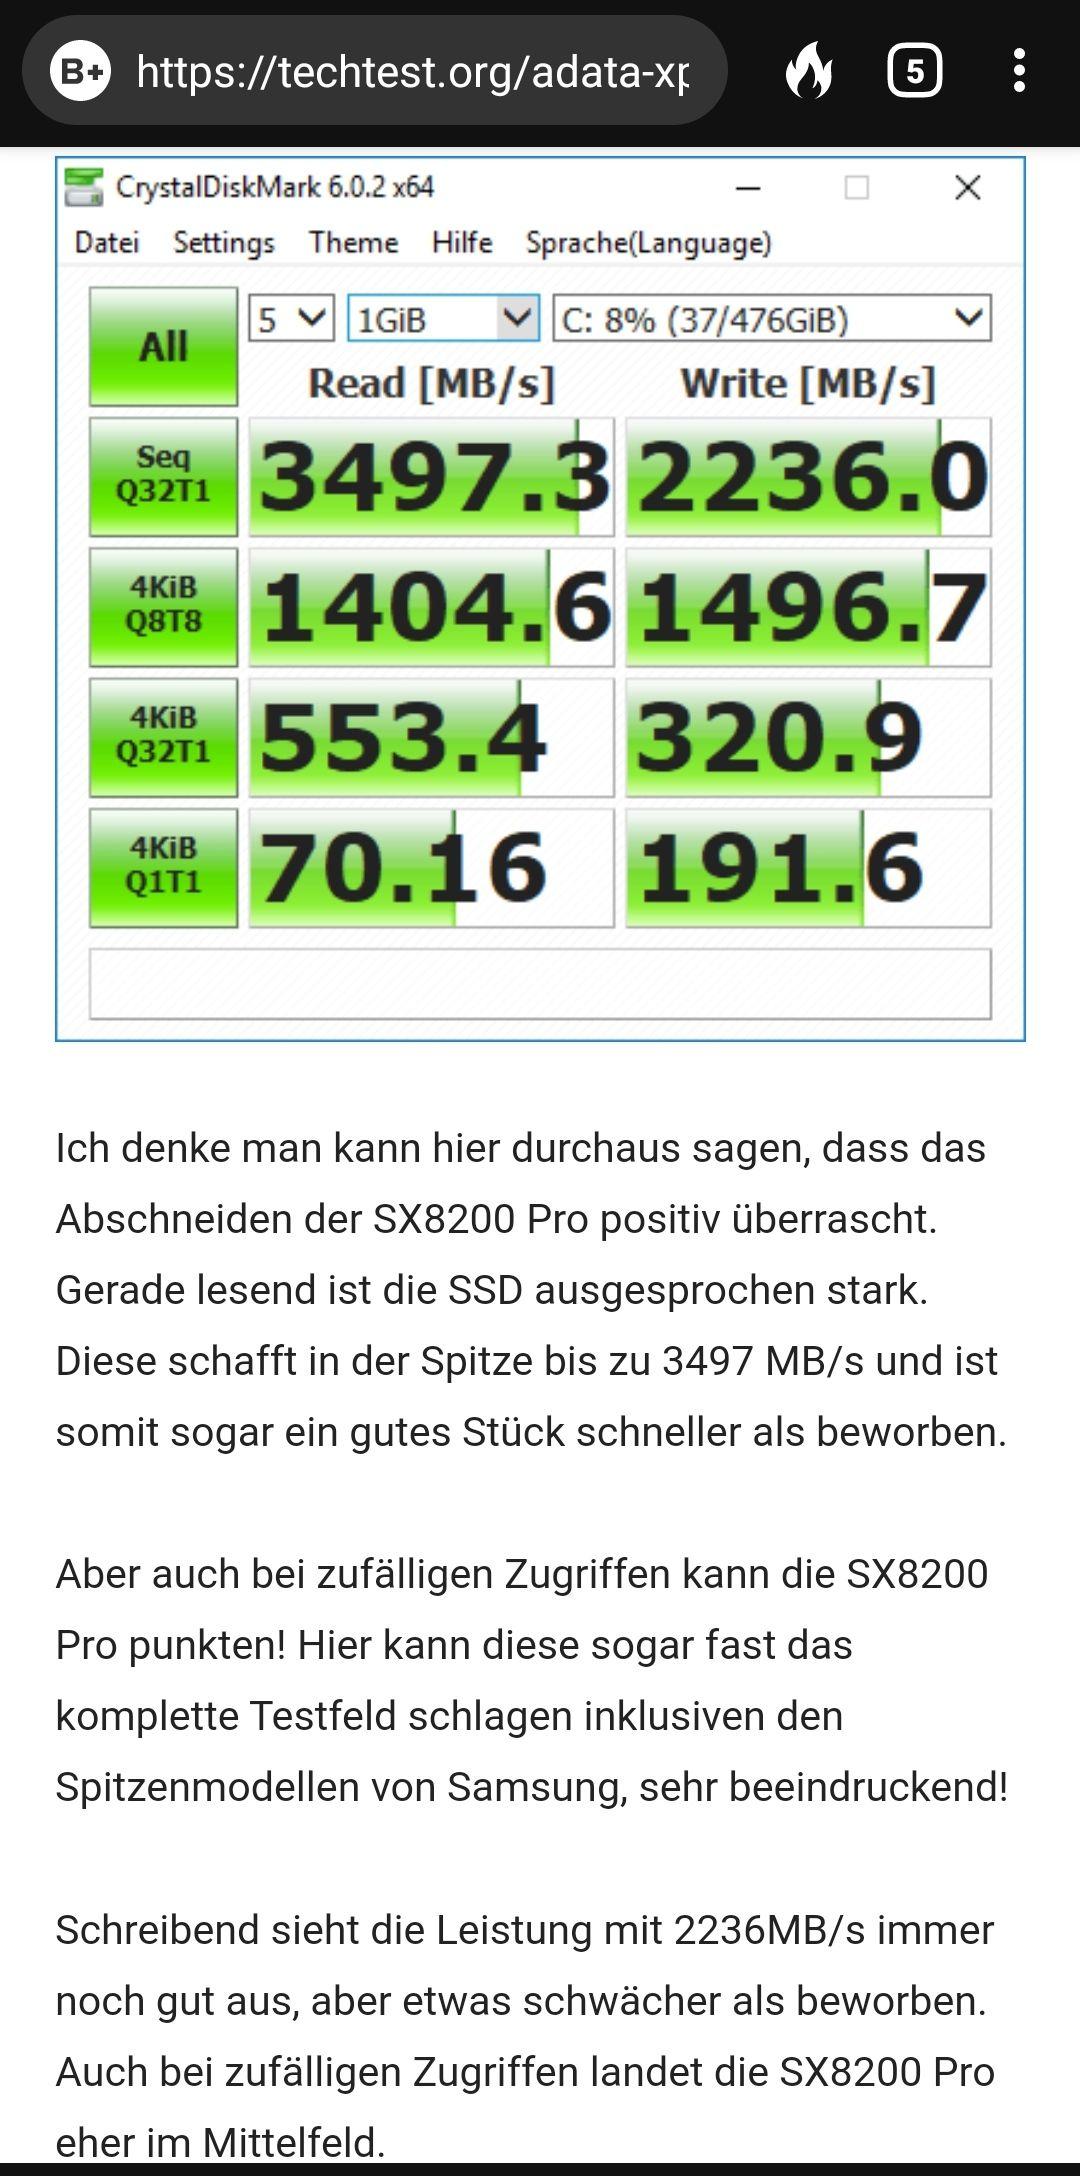 28274026-OgoRL.jpg